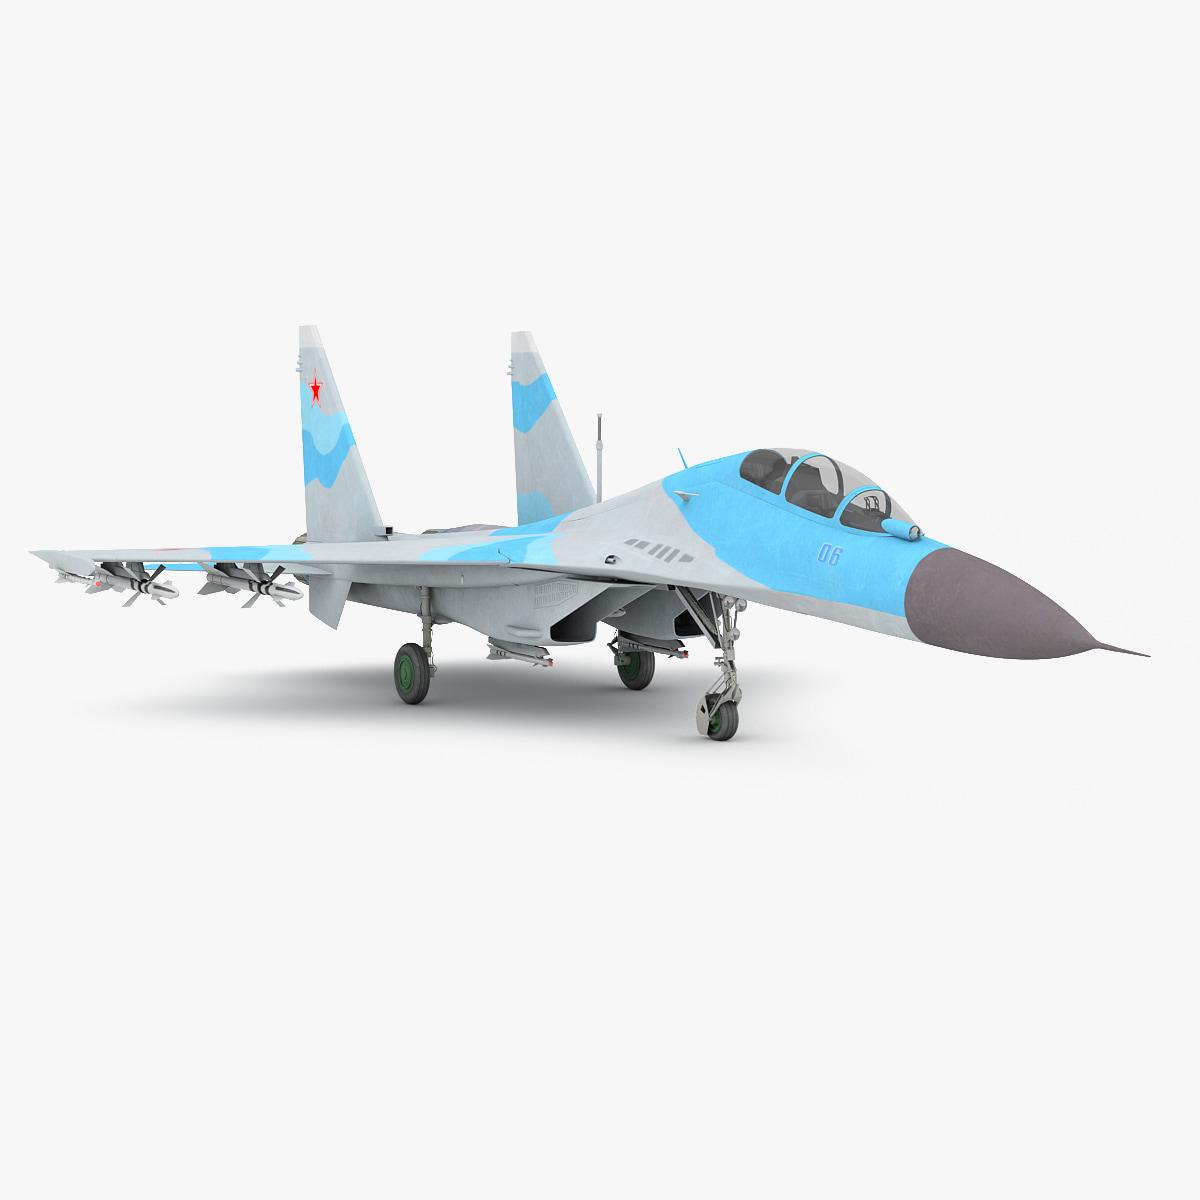 Russian_Fighter_Aircraft_Sukhoi_Su-30_v1_Static_000.jpg